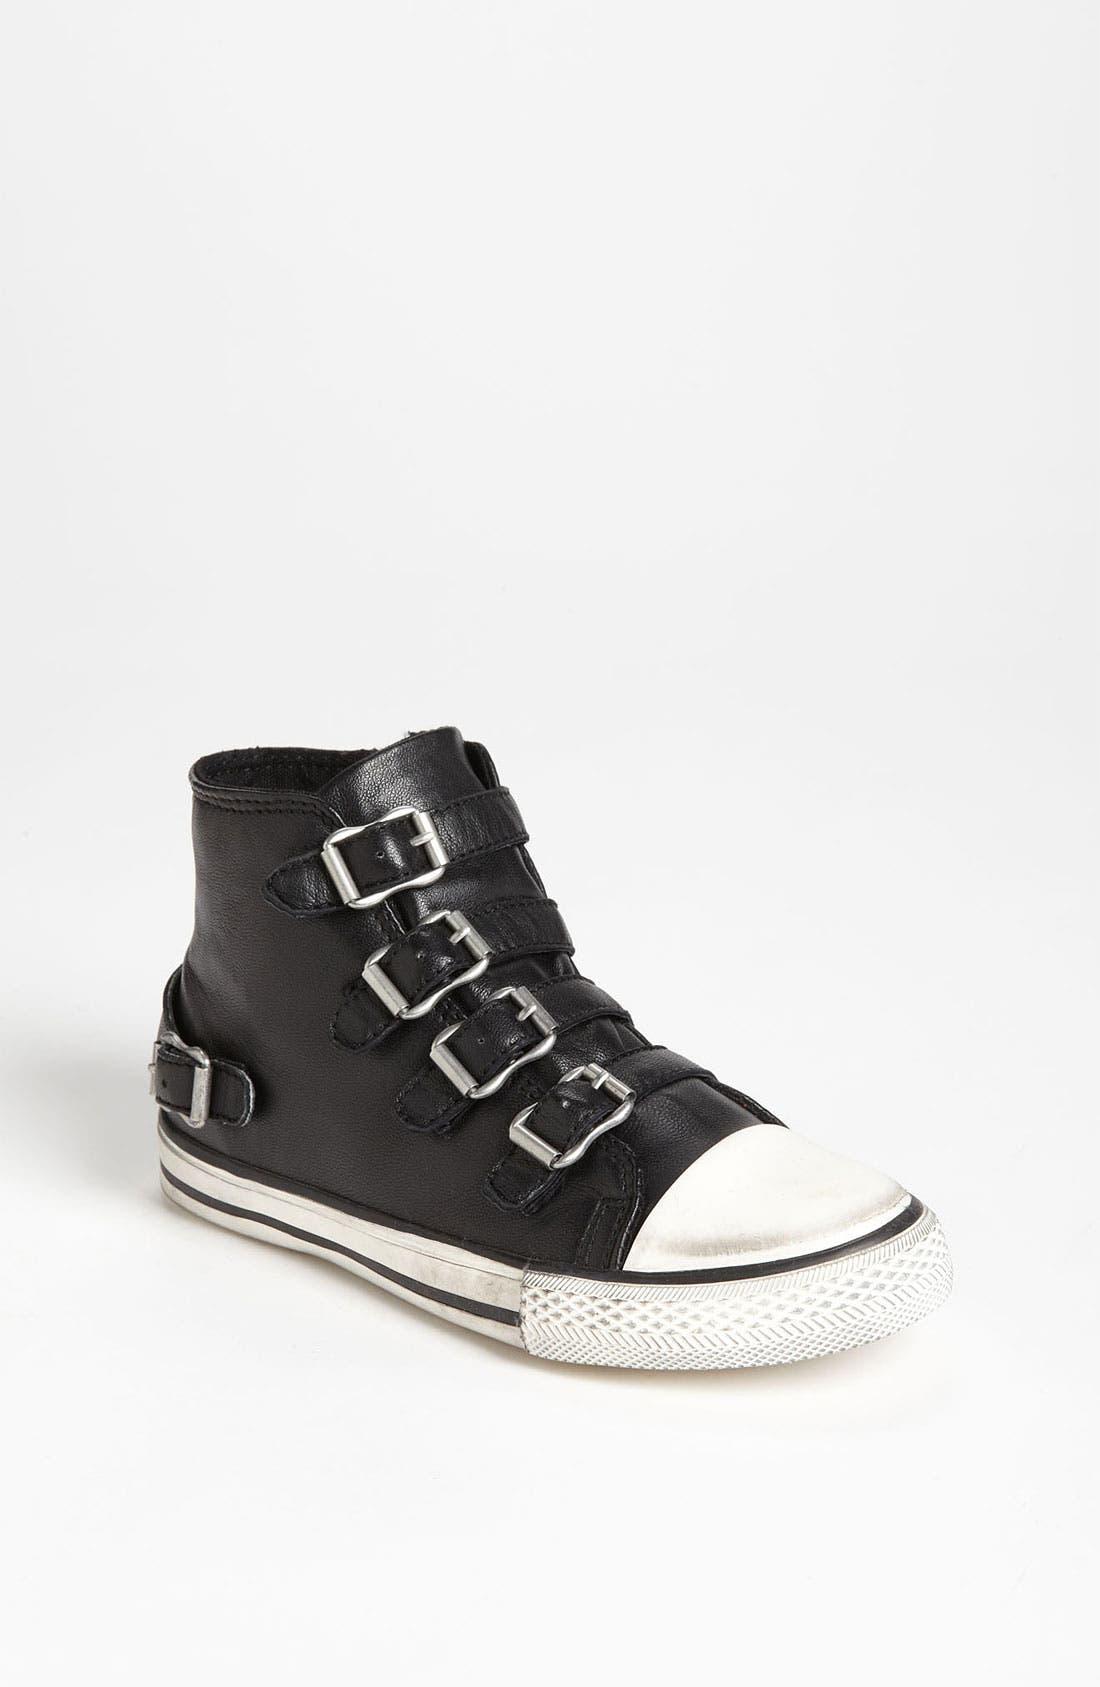 Ash Viper Td Sneaker Toddler//Little Kid